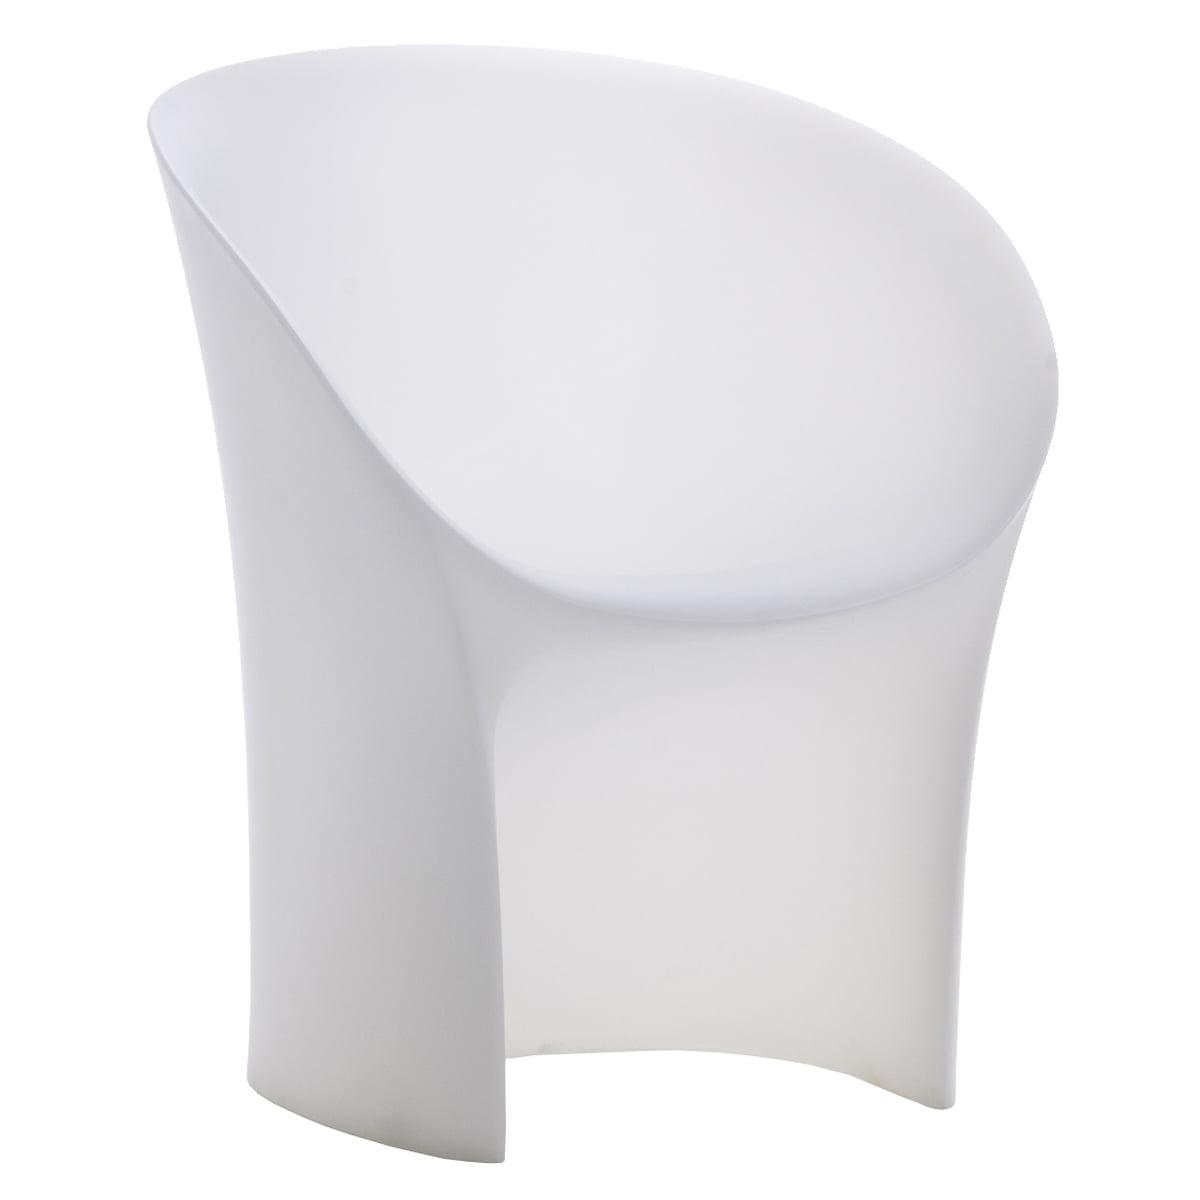 Black moon chair - Moroso Moon Chair White